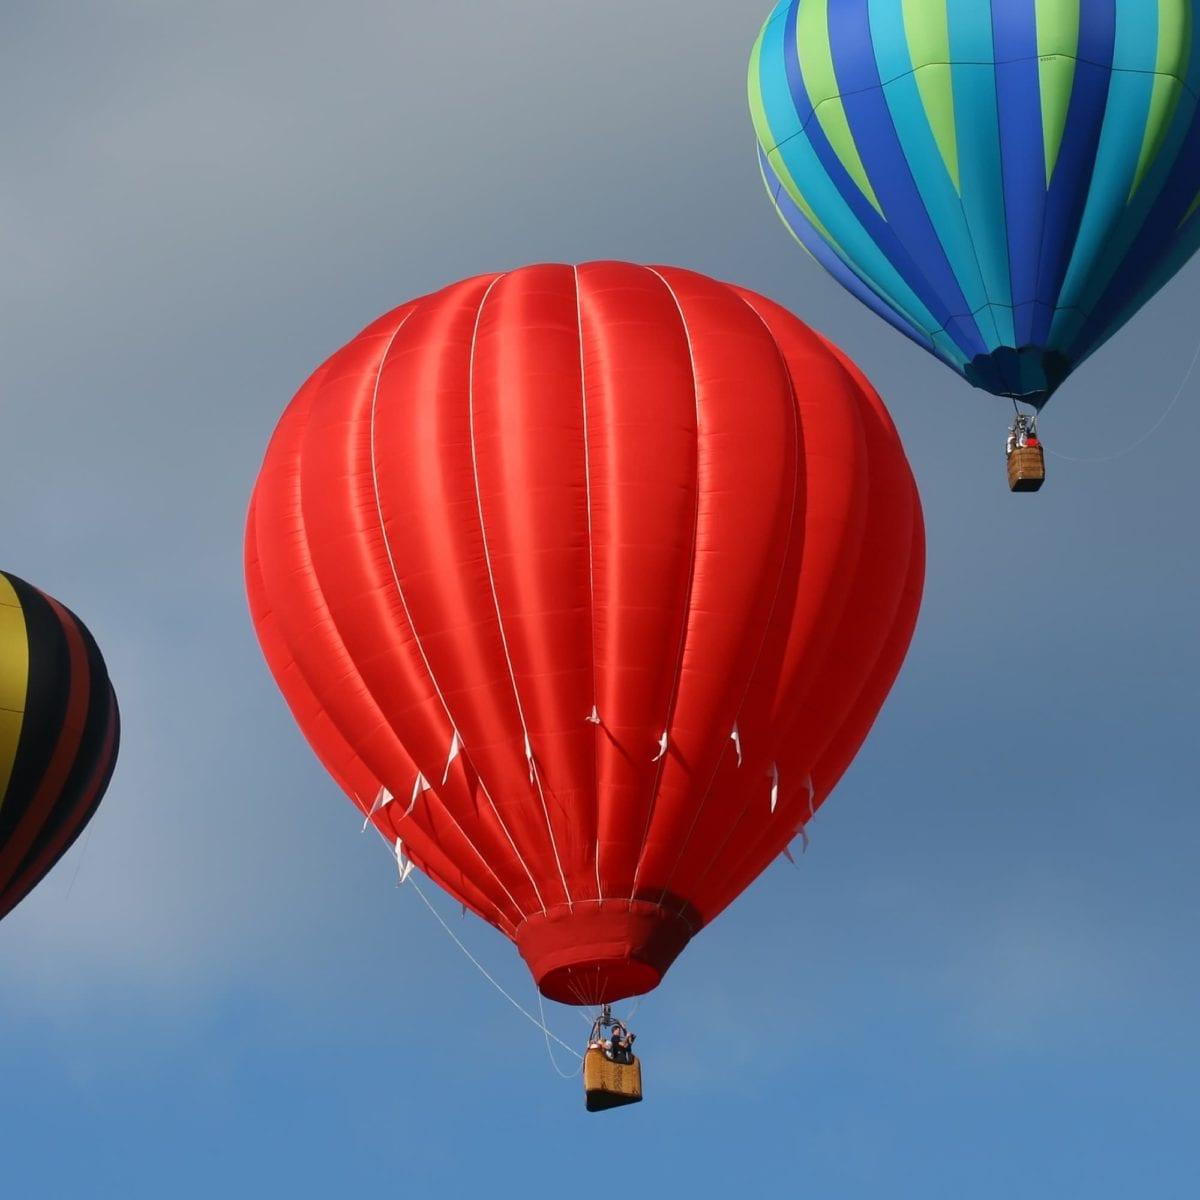 Coombe Abbey Virgin balloon flights